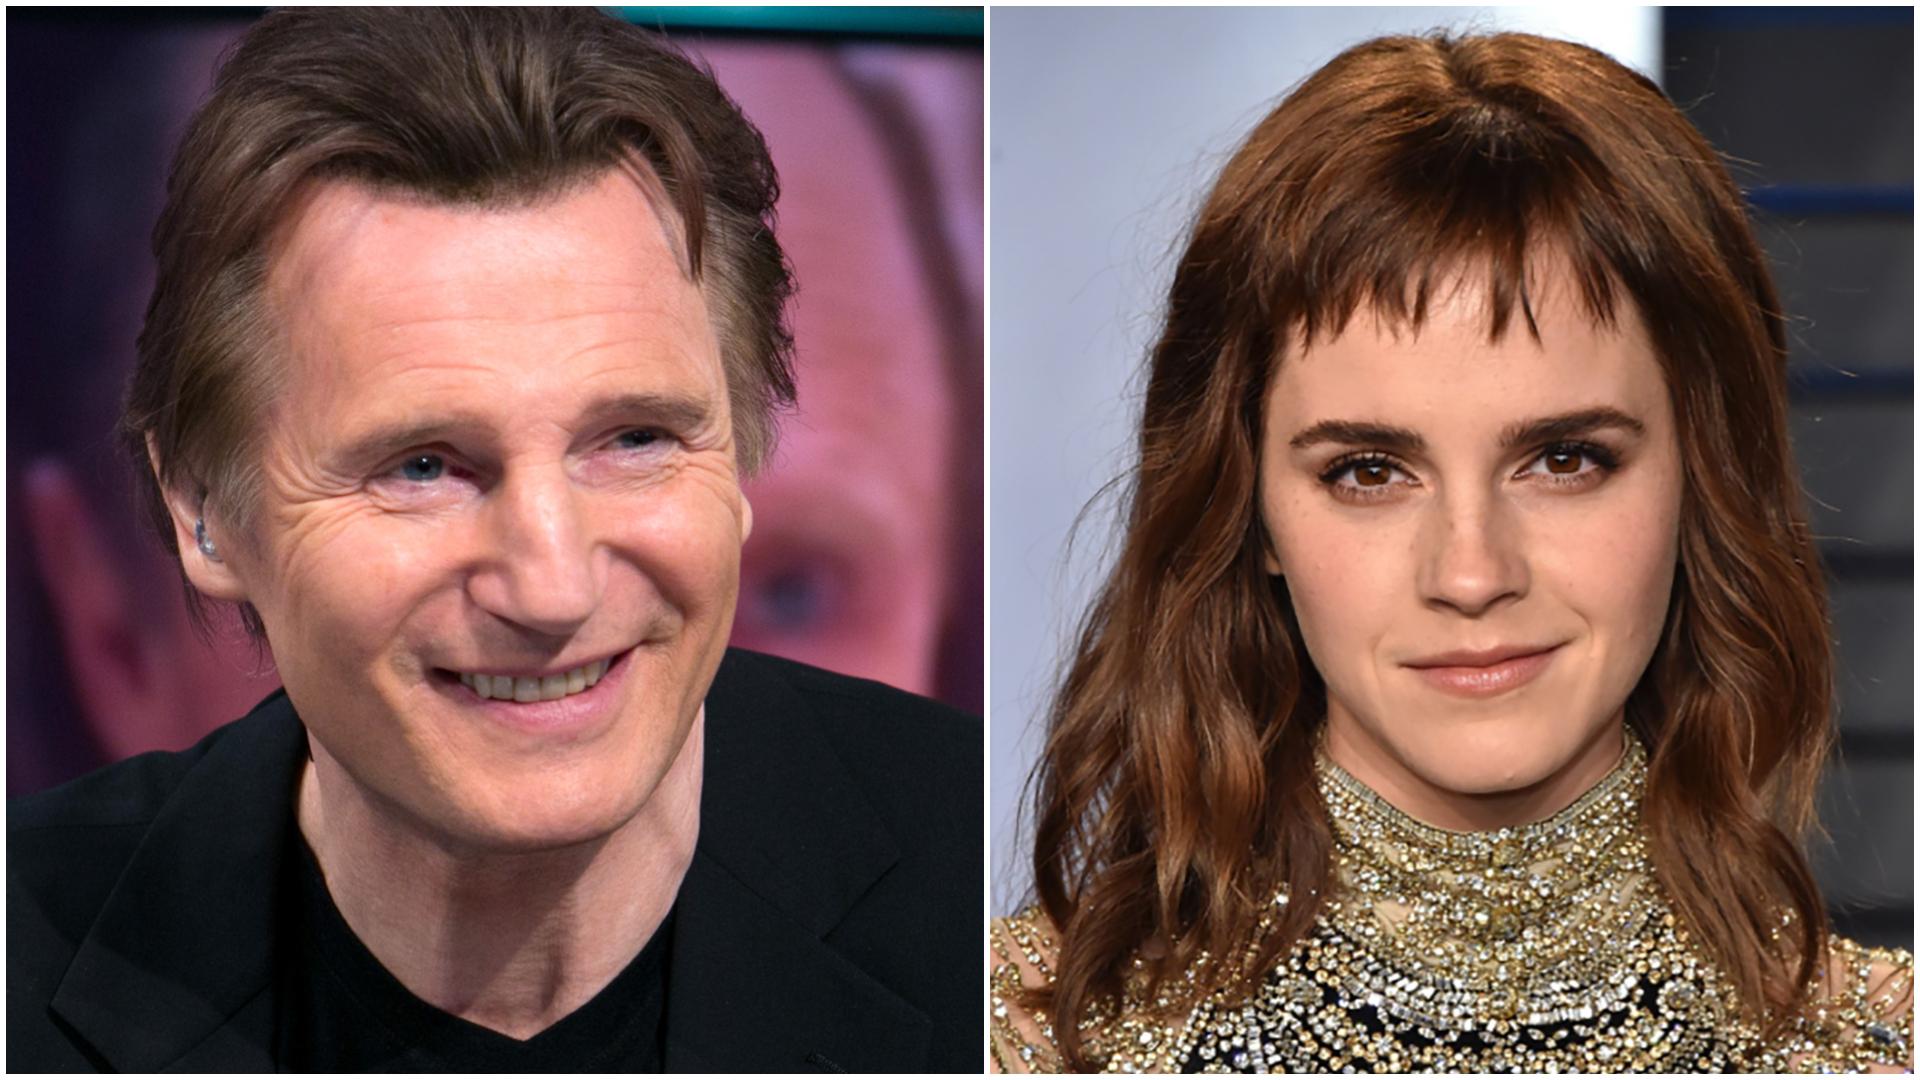 Los actores Liam Neeson y Emma Watson. Emma y Liam fueron los nombres más elegidos para los recién nacidos en Estados Unidos en 2017